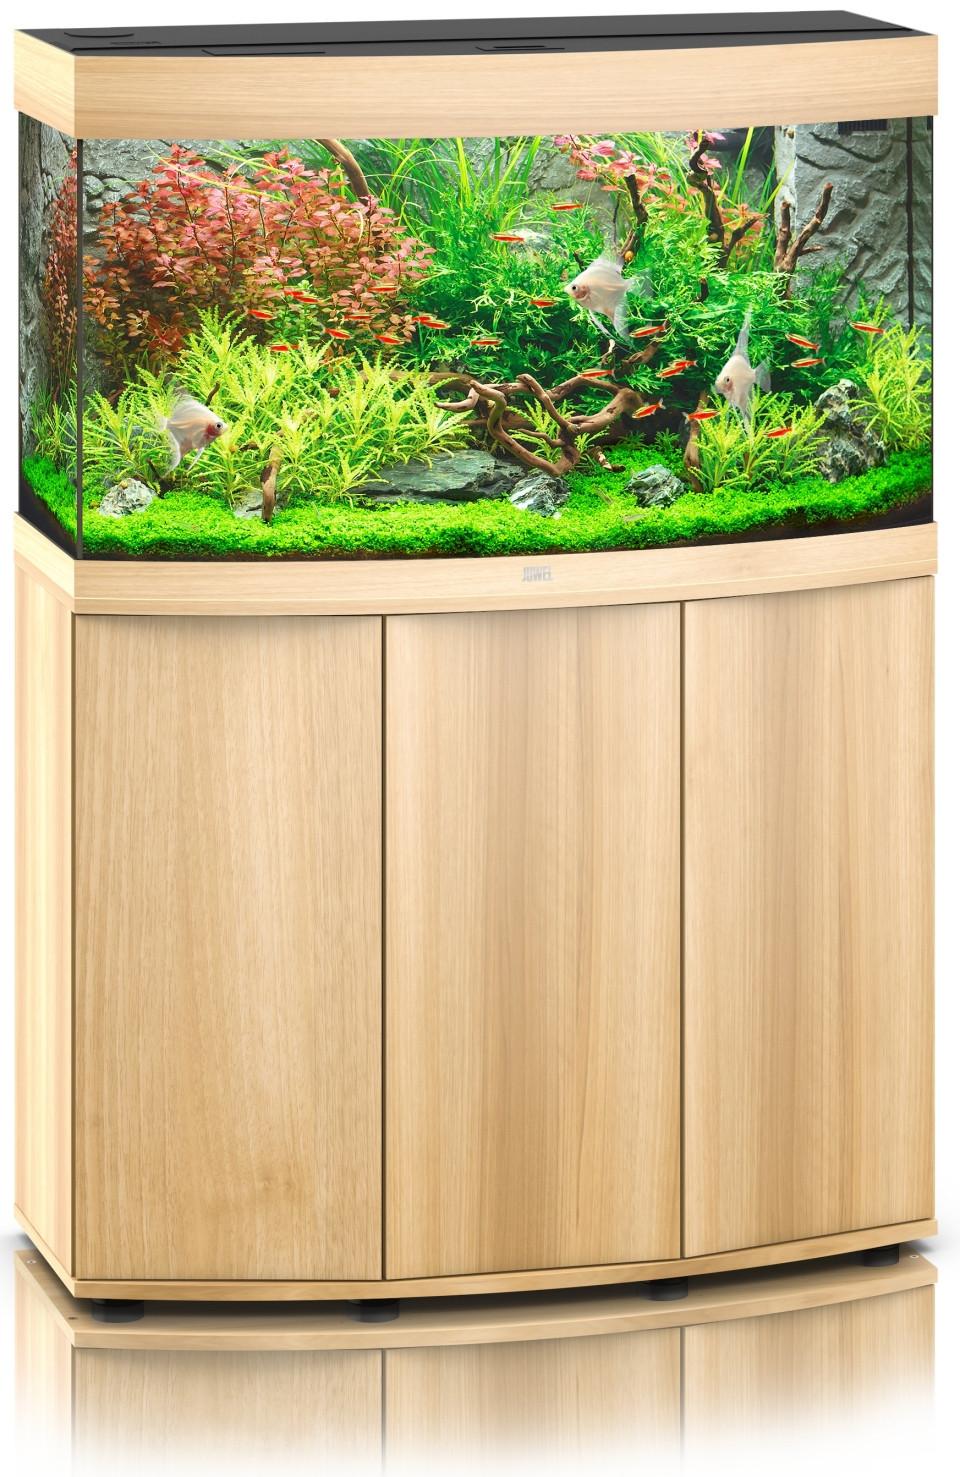 juwel vision 180 180. Black Bedroom Furniture Sets. Home Design Ideas